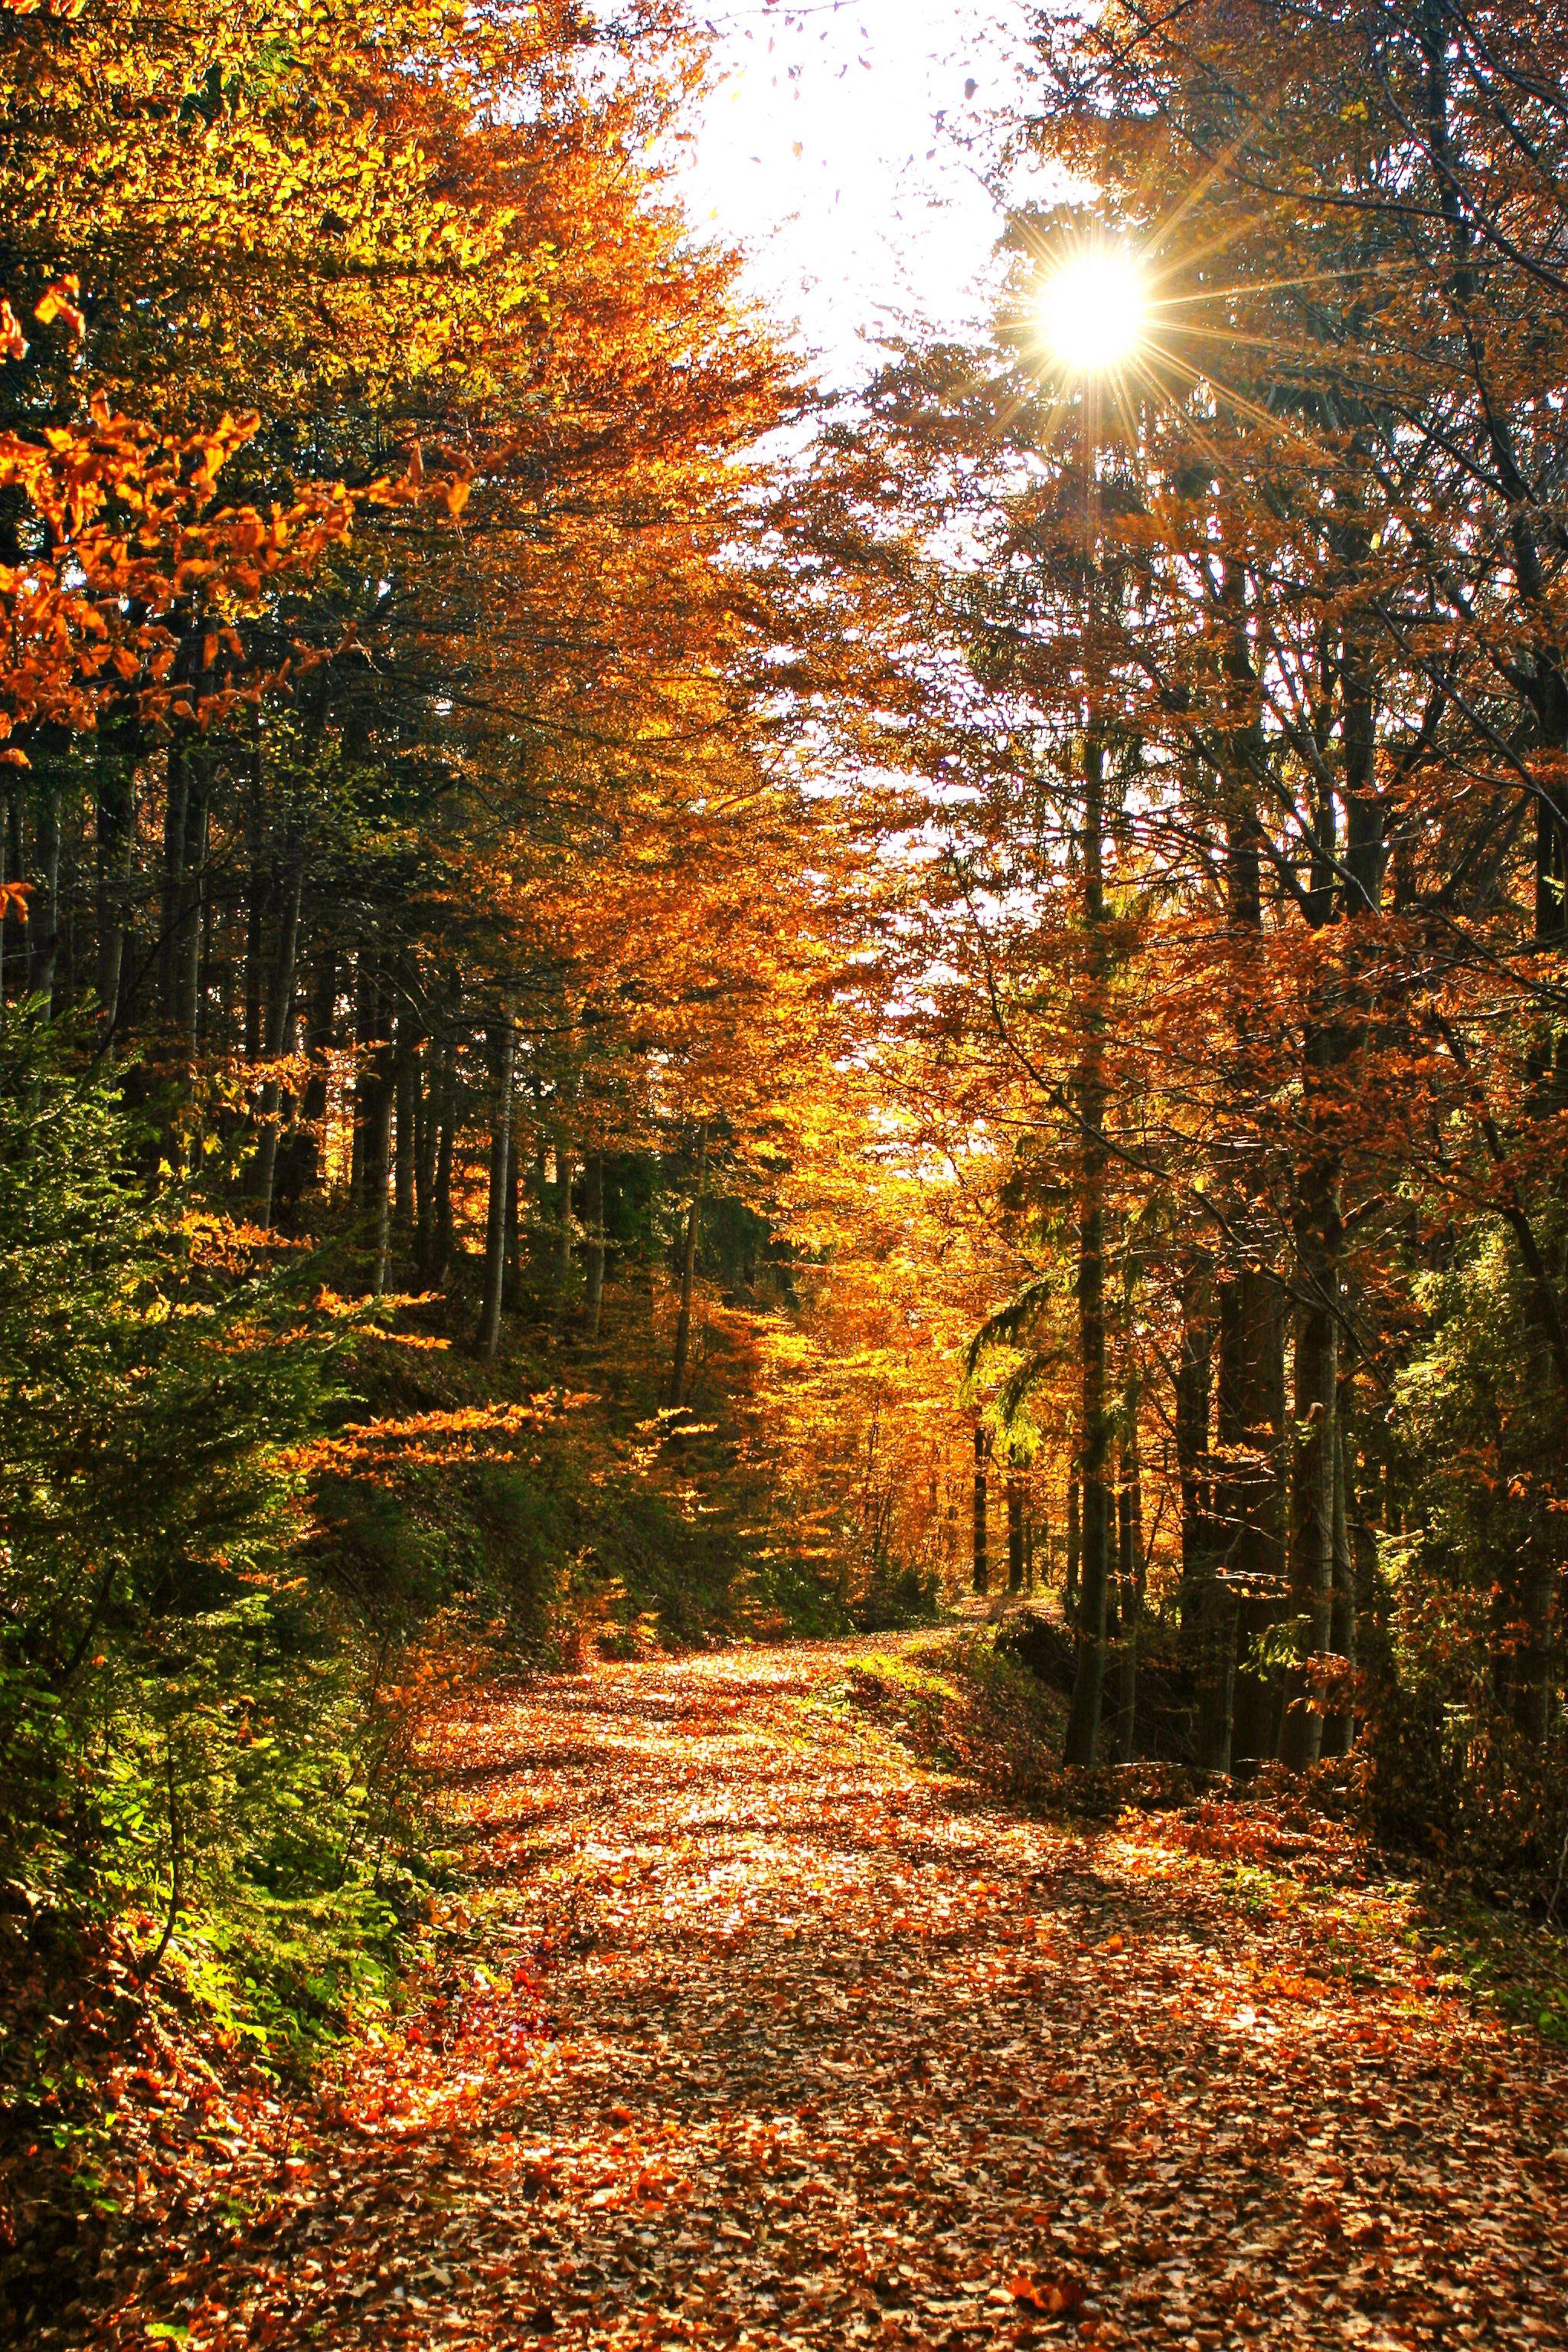 Fall mountain desktop wallpaper wallpapersafari - Nature wallpaper vertical ...